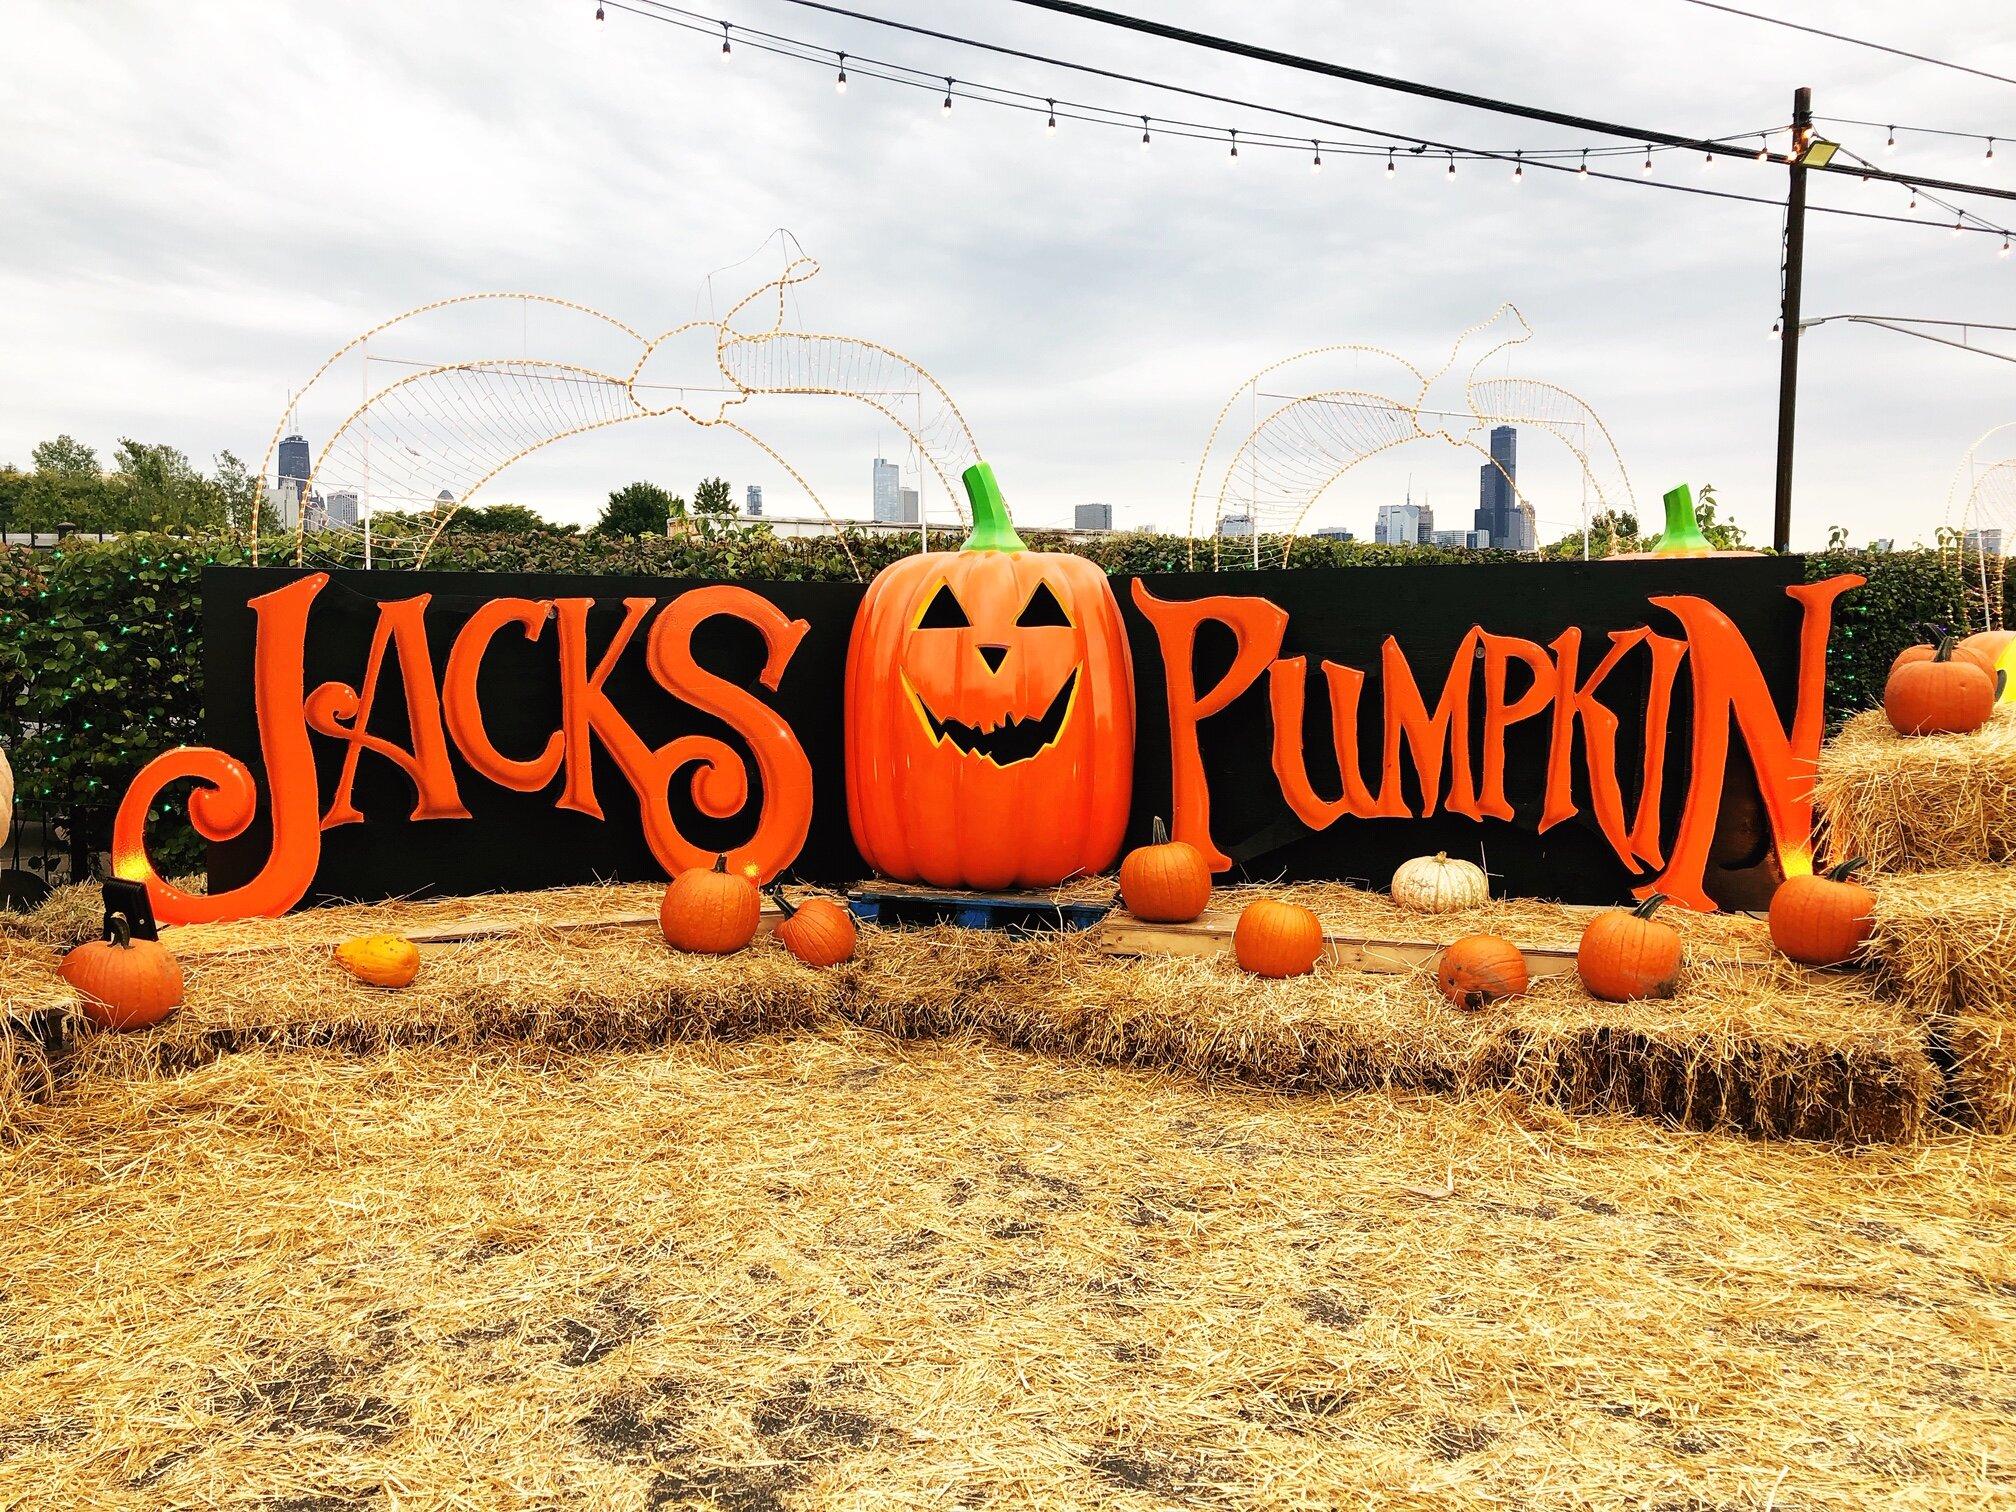 Trip-Sisters-Colleen-Kelly-Catie-Kehoe-Jacks-Pumpkin-Halloween